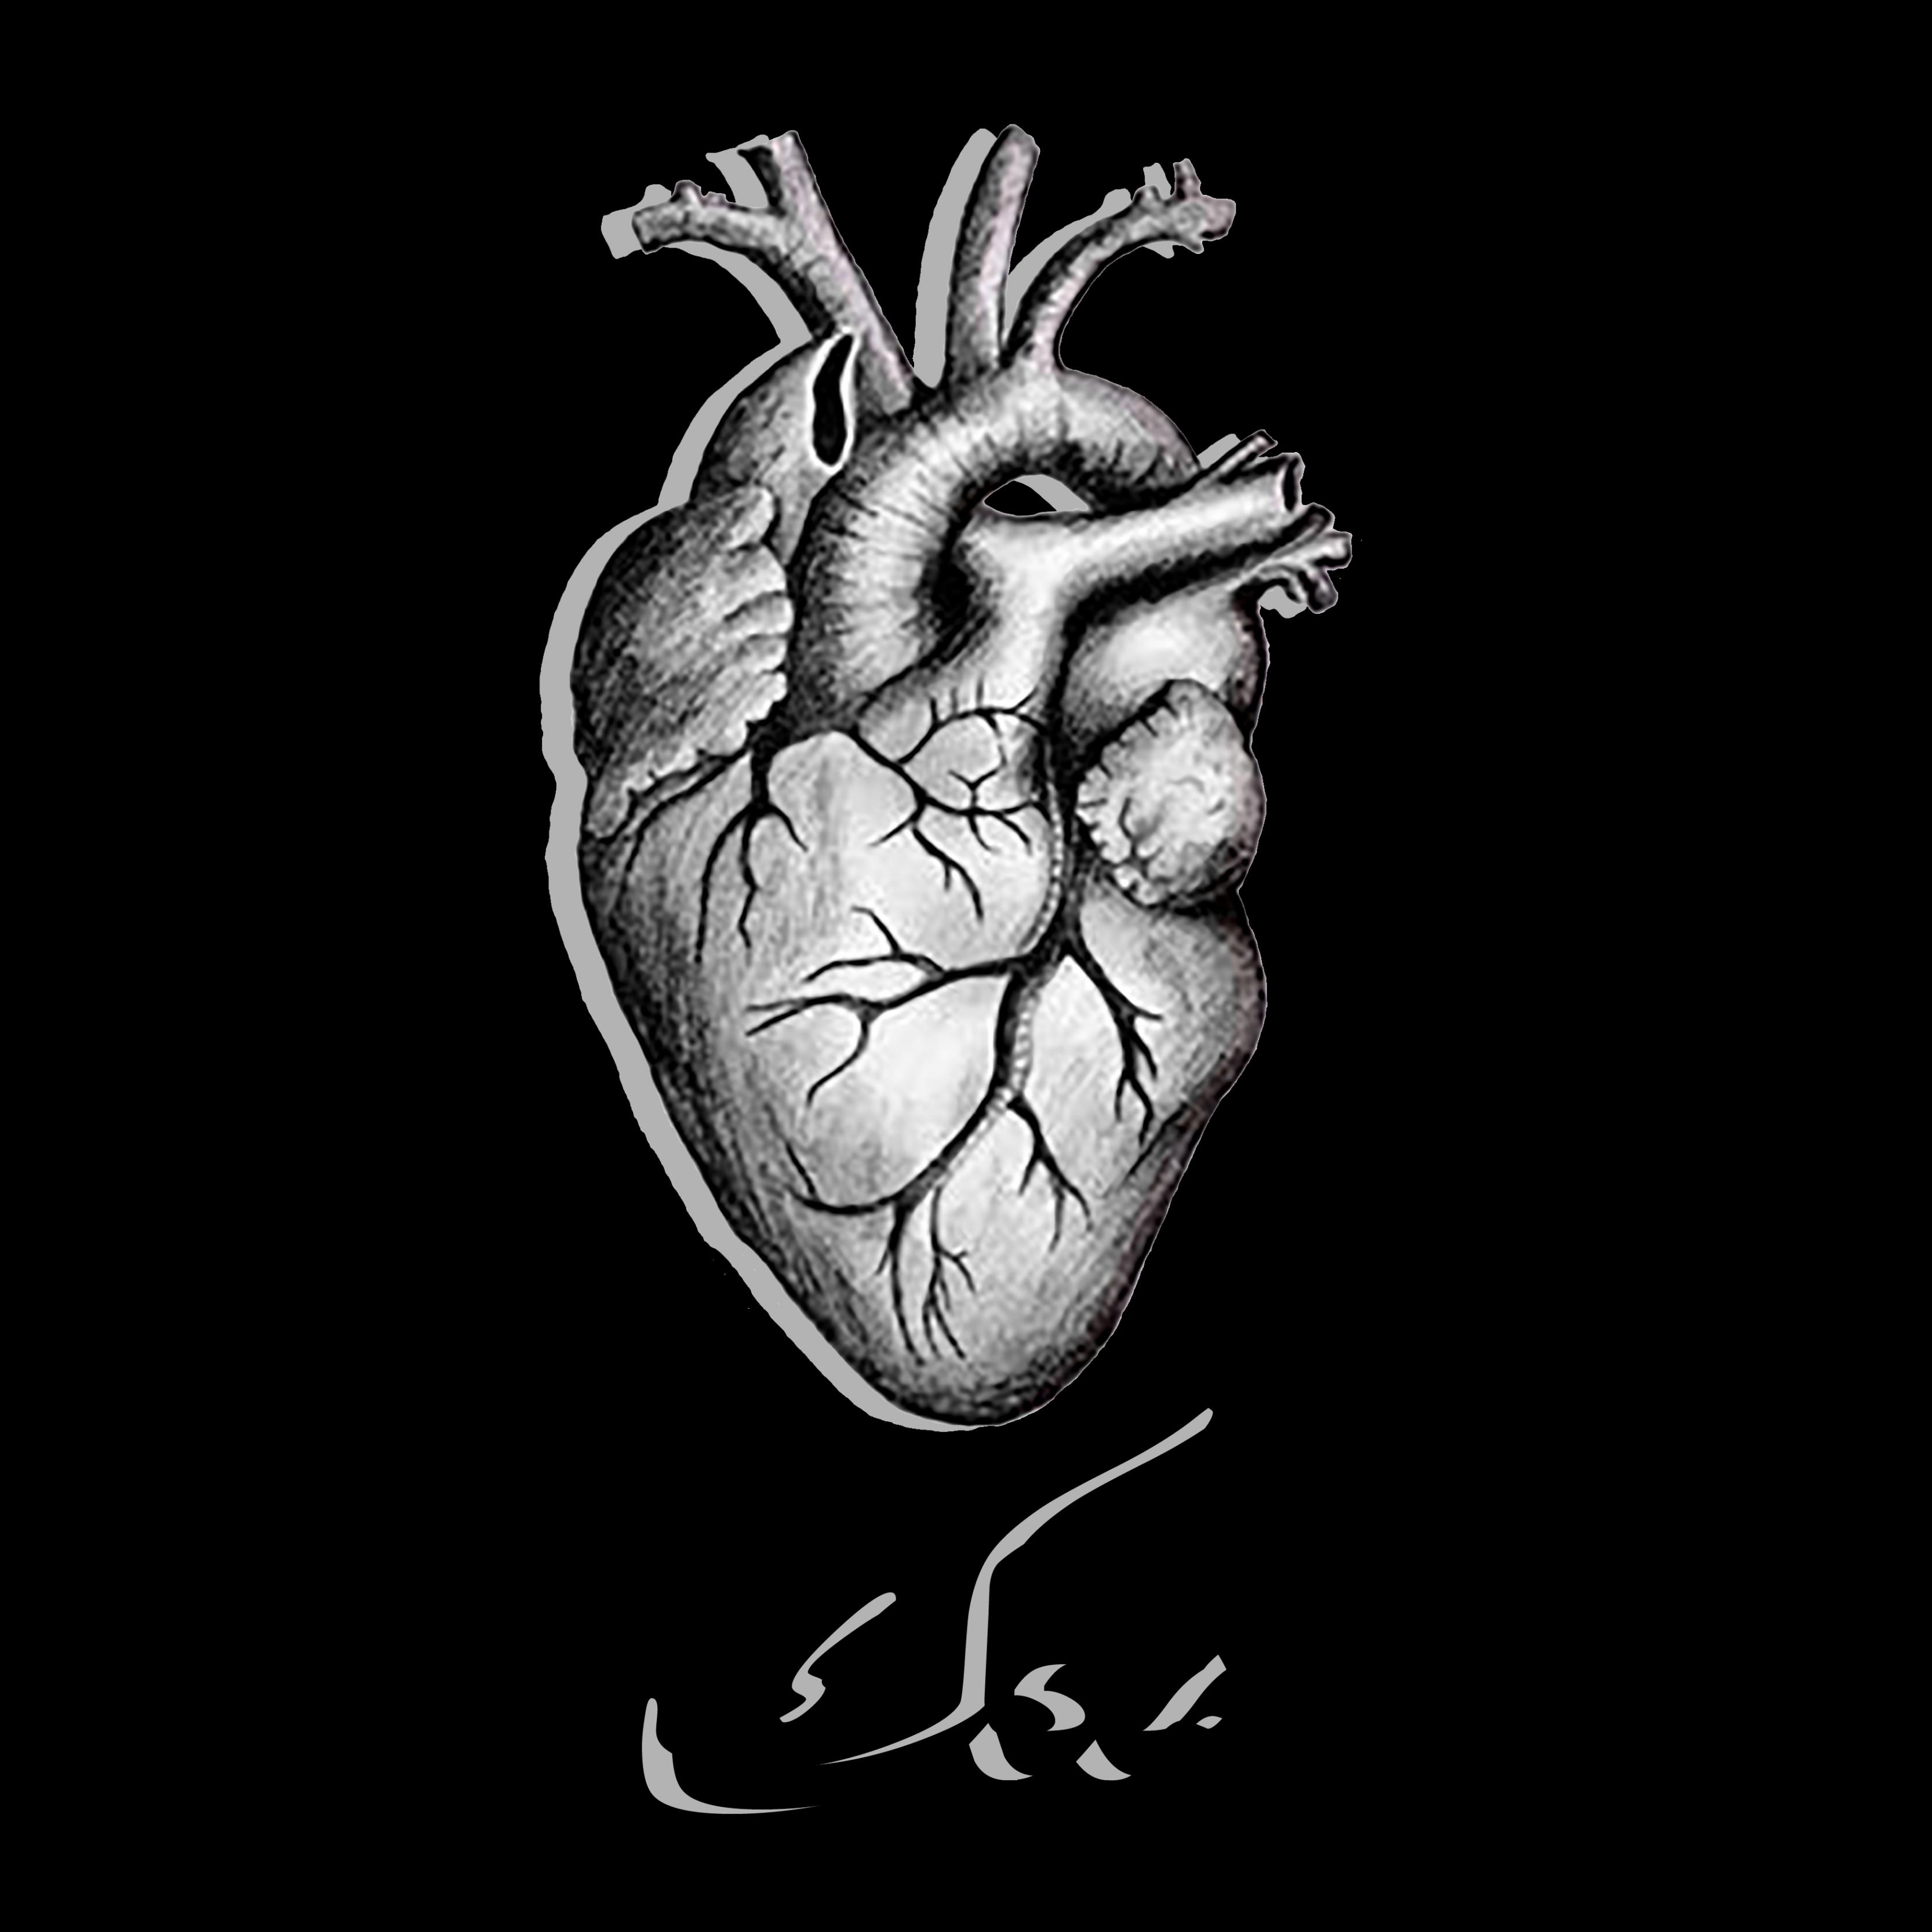 بالصور قلبي معك , صور عليها عبارات قلبي معك 6430